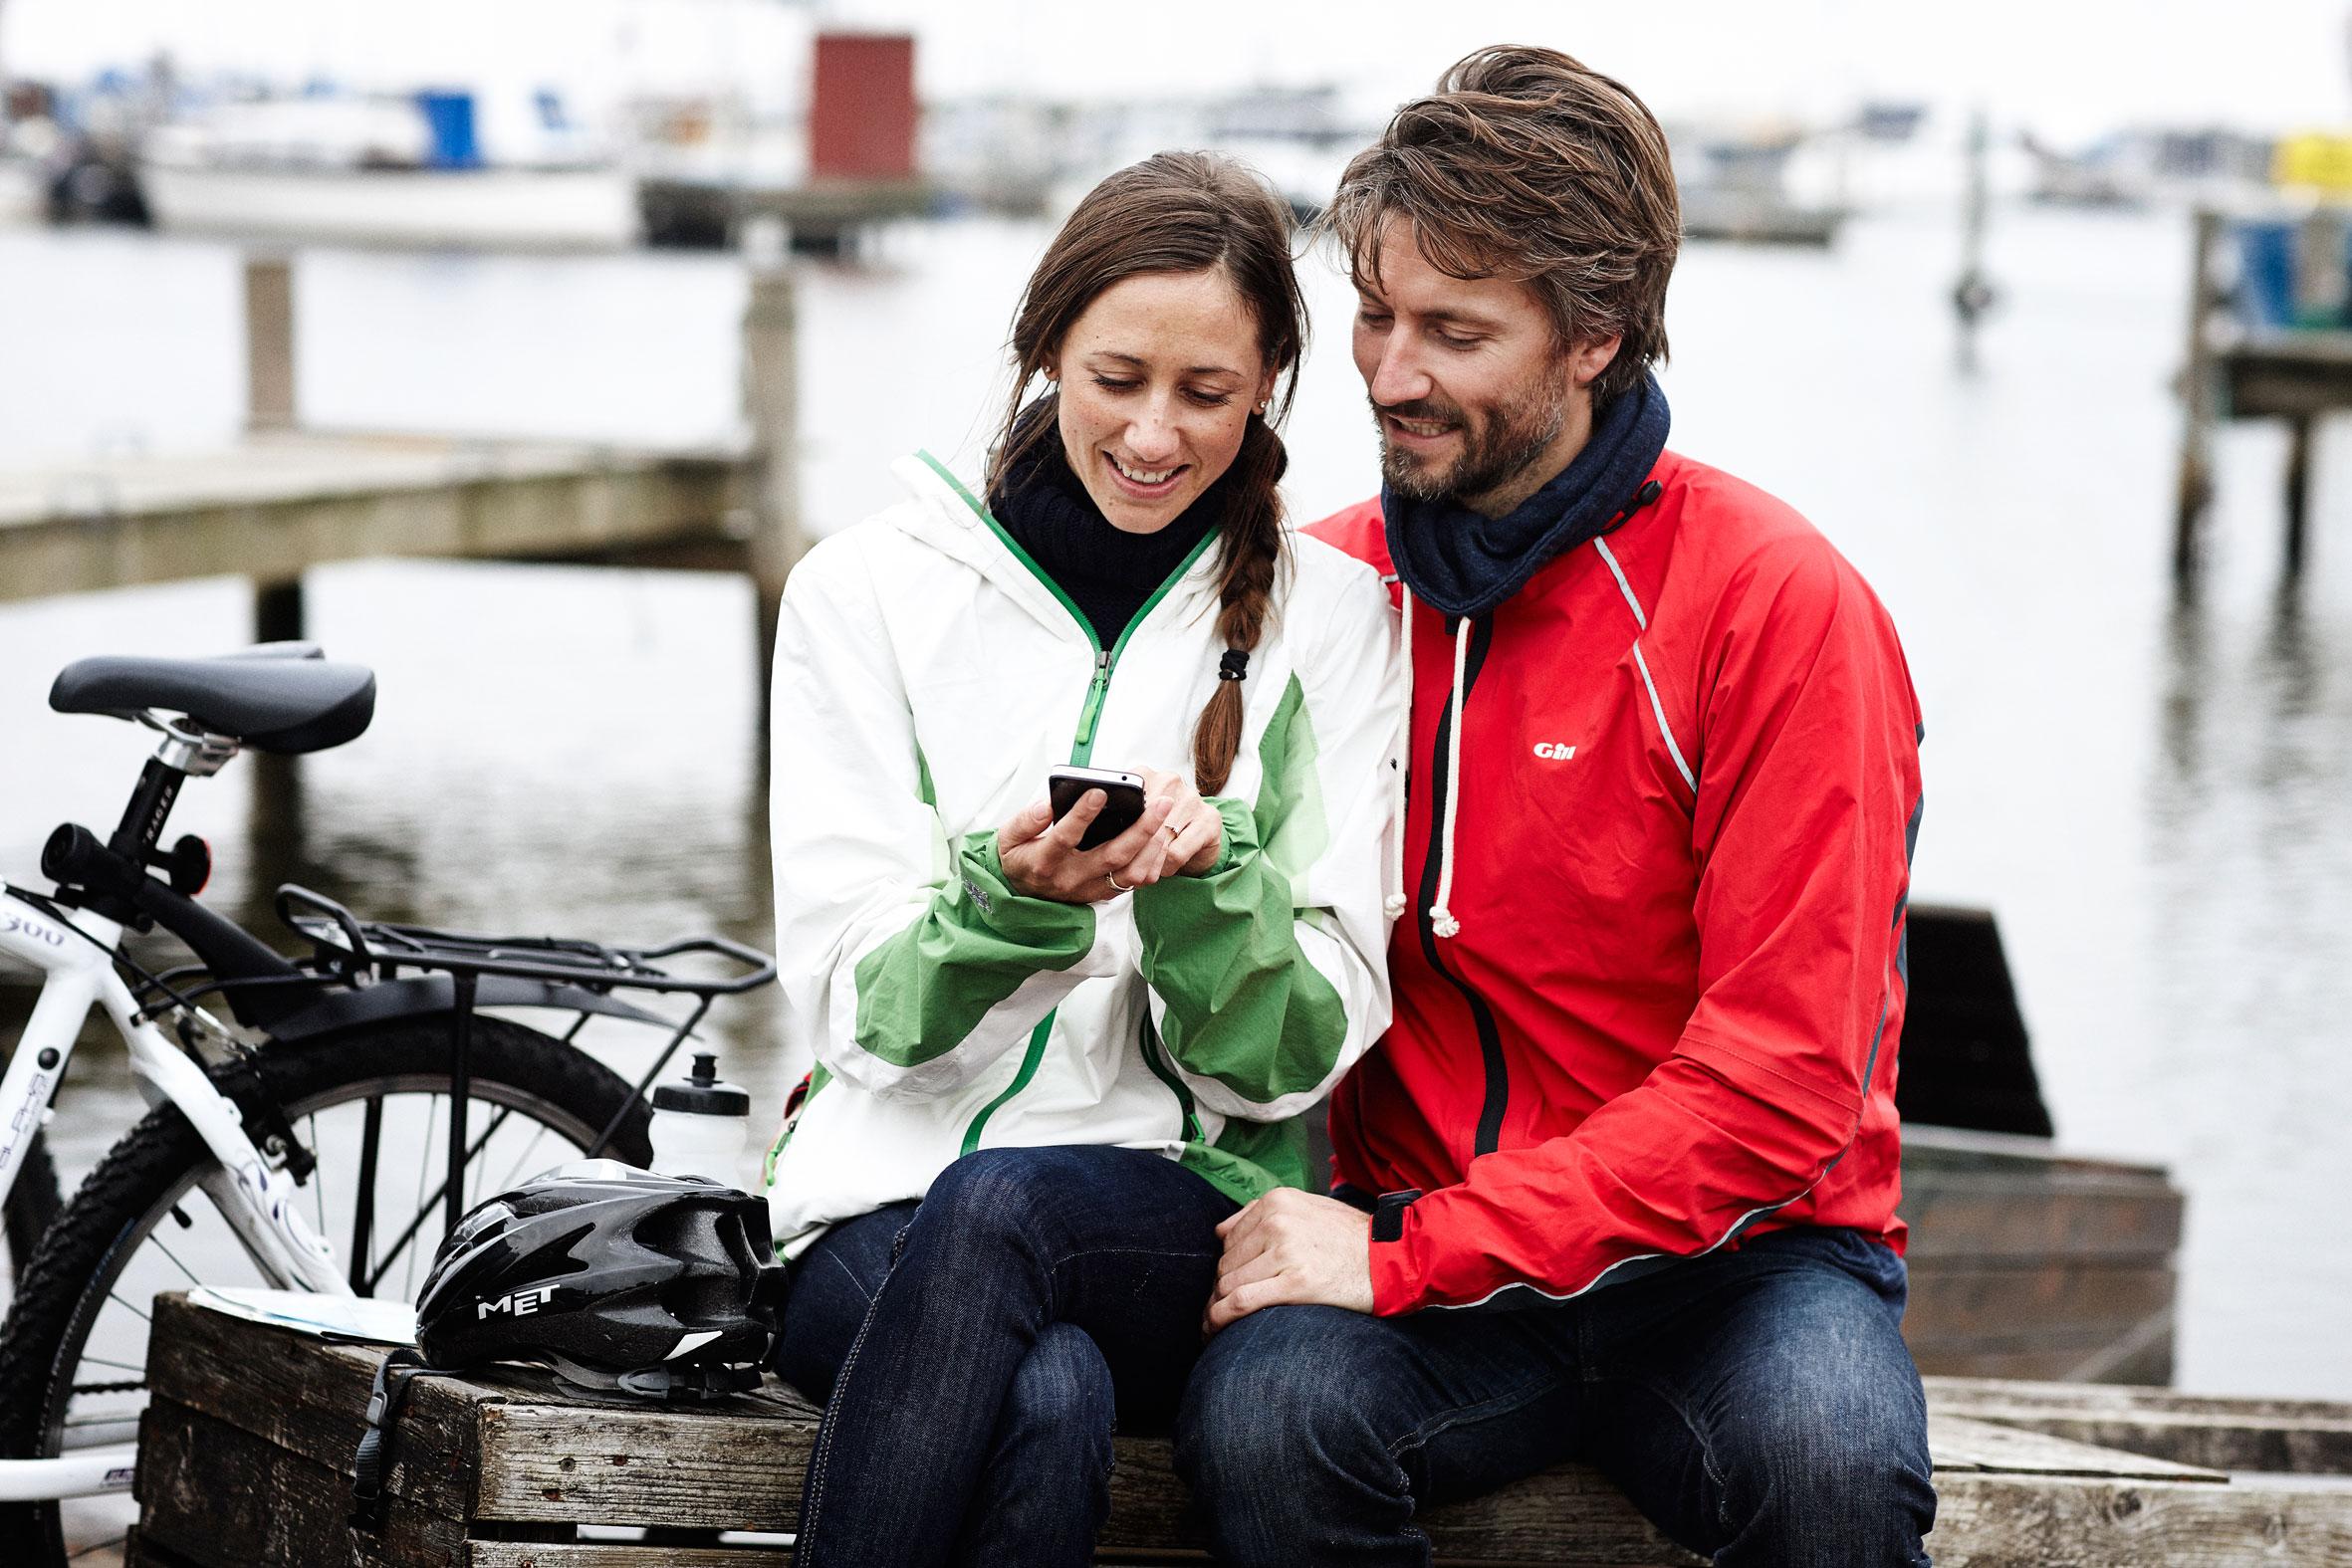 Teleselskaberne kan under coronakrisen hjælpe myndighederne med at afklare danskernes bevægelsesmønstre. Arkivfoto fra VisitDenmark, Niclas-Jessen.